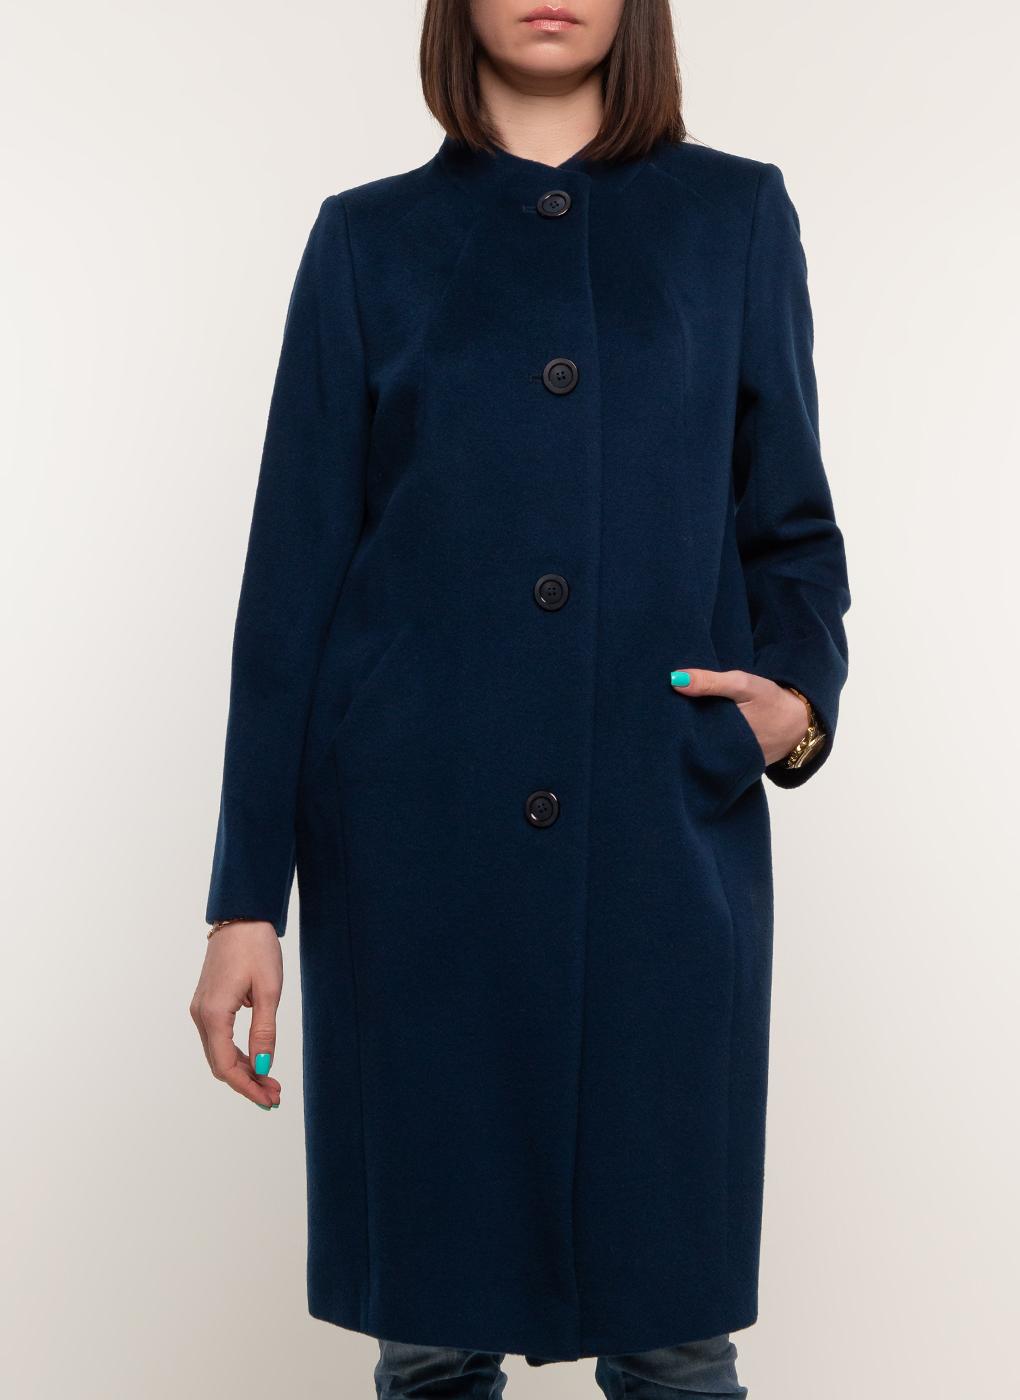 Пальто чистошерстяное 47, Синар фото